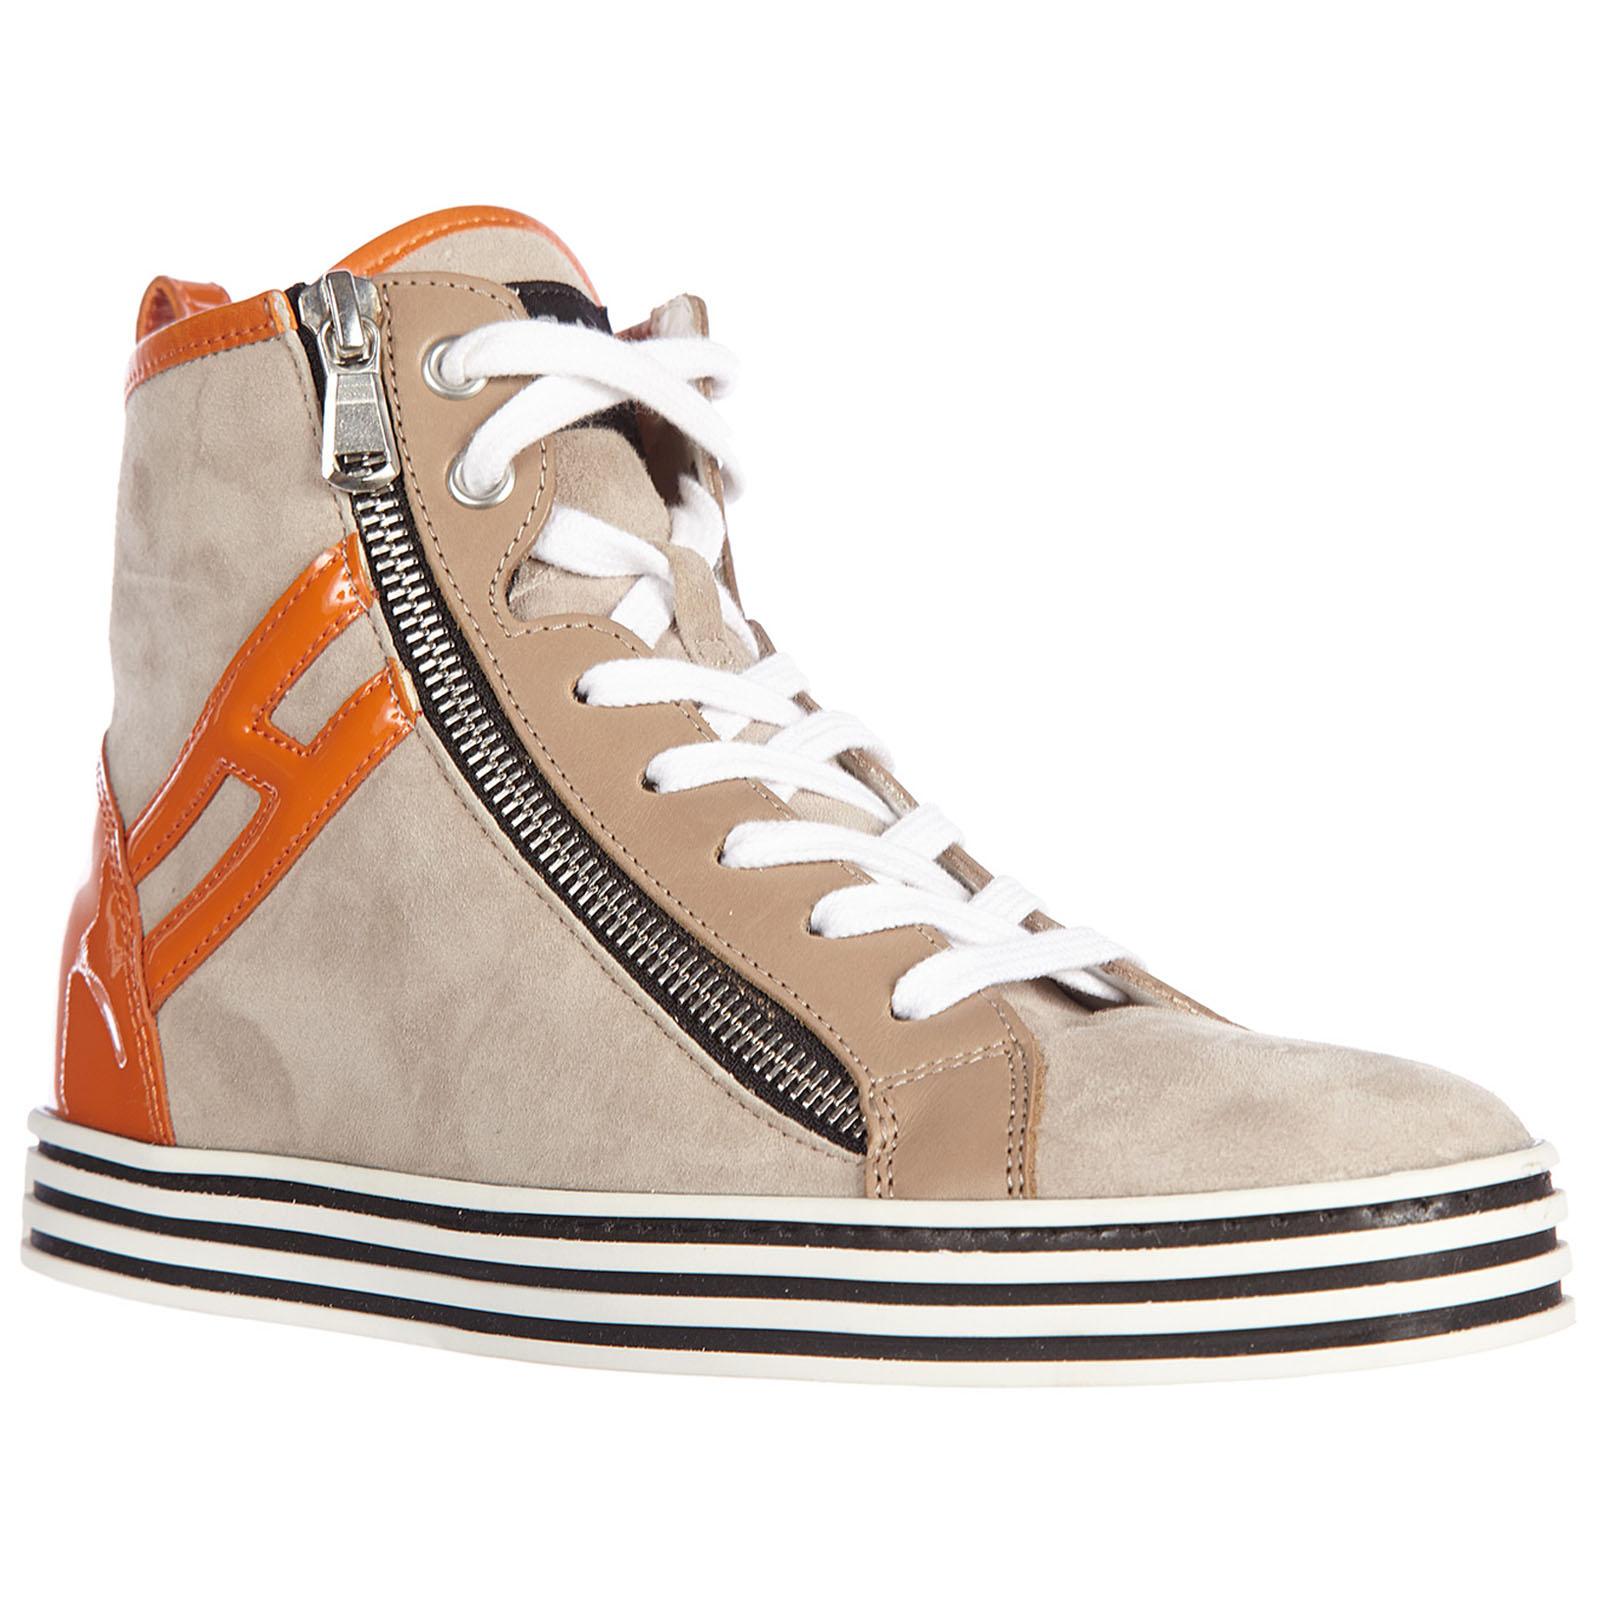 Sneakers alte Hogan Rebel R182 HXW1820Q98079N225L beige  317a1dc2b9d